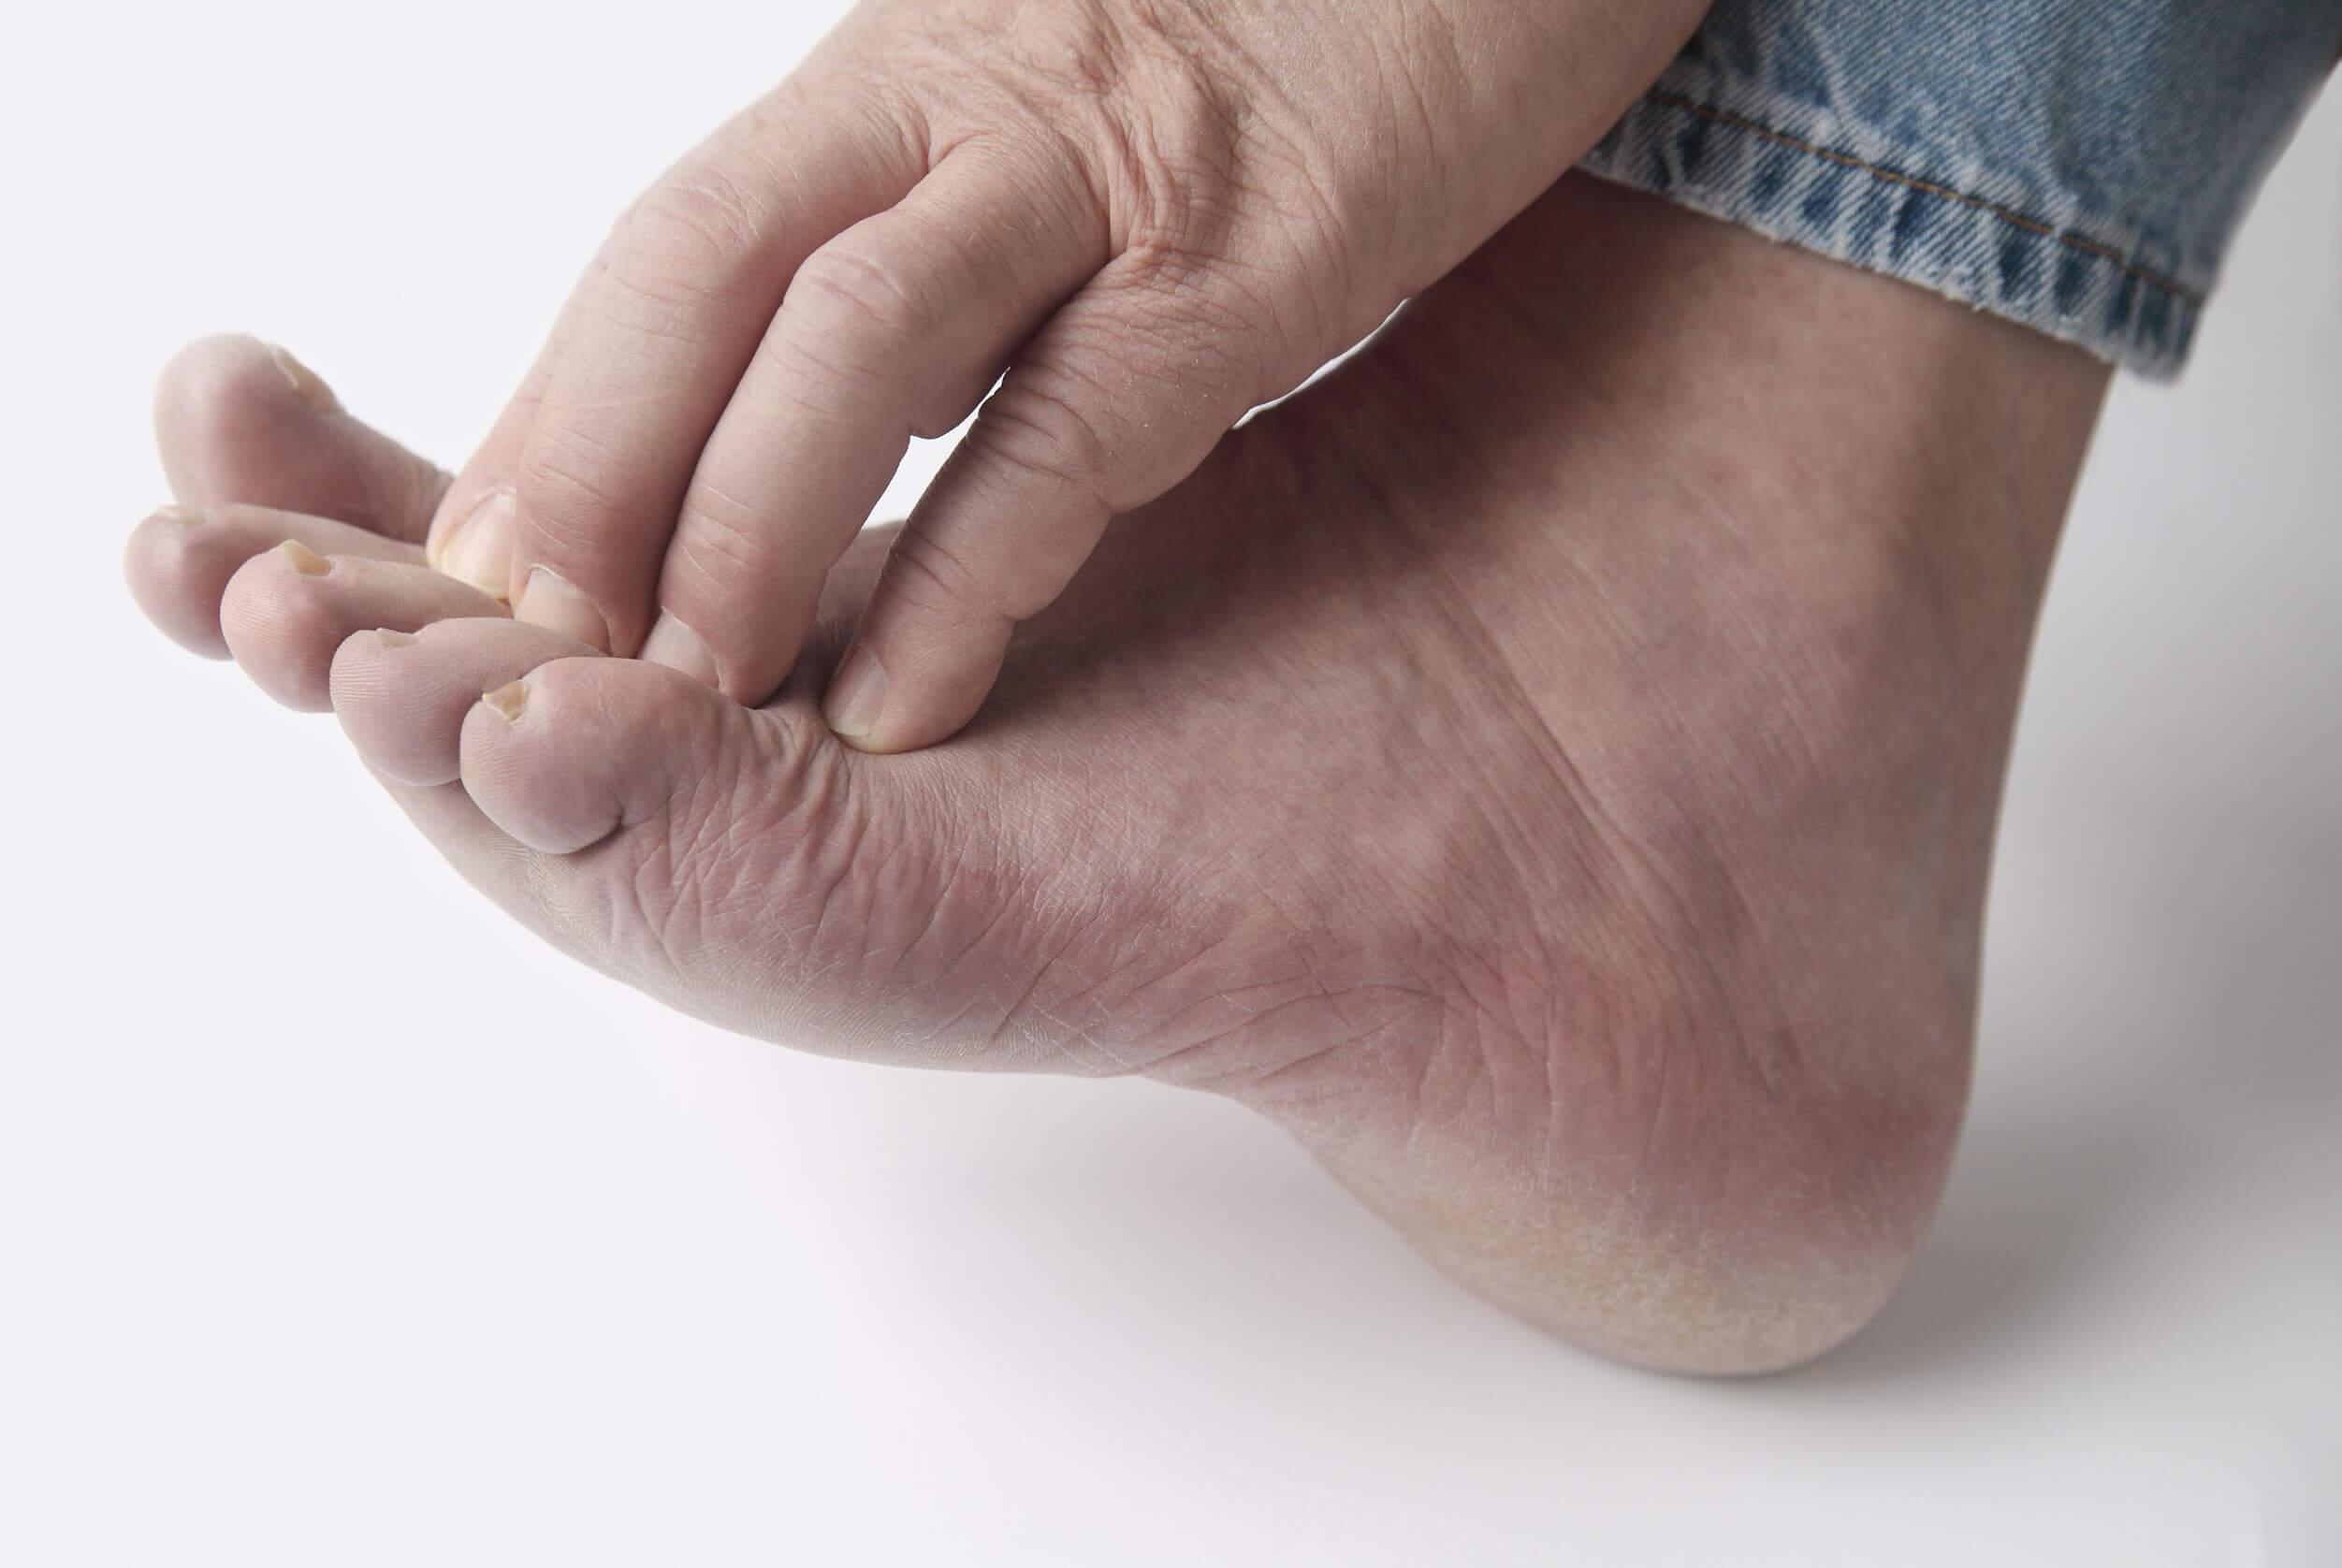 מטרד גדול בכף רגל אחת.פטרת כפות רגליים – כל מה שצריך לדעת